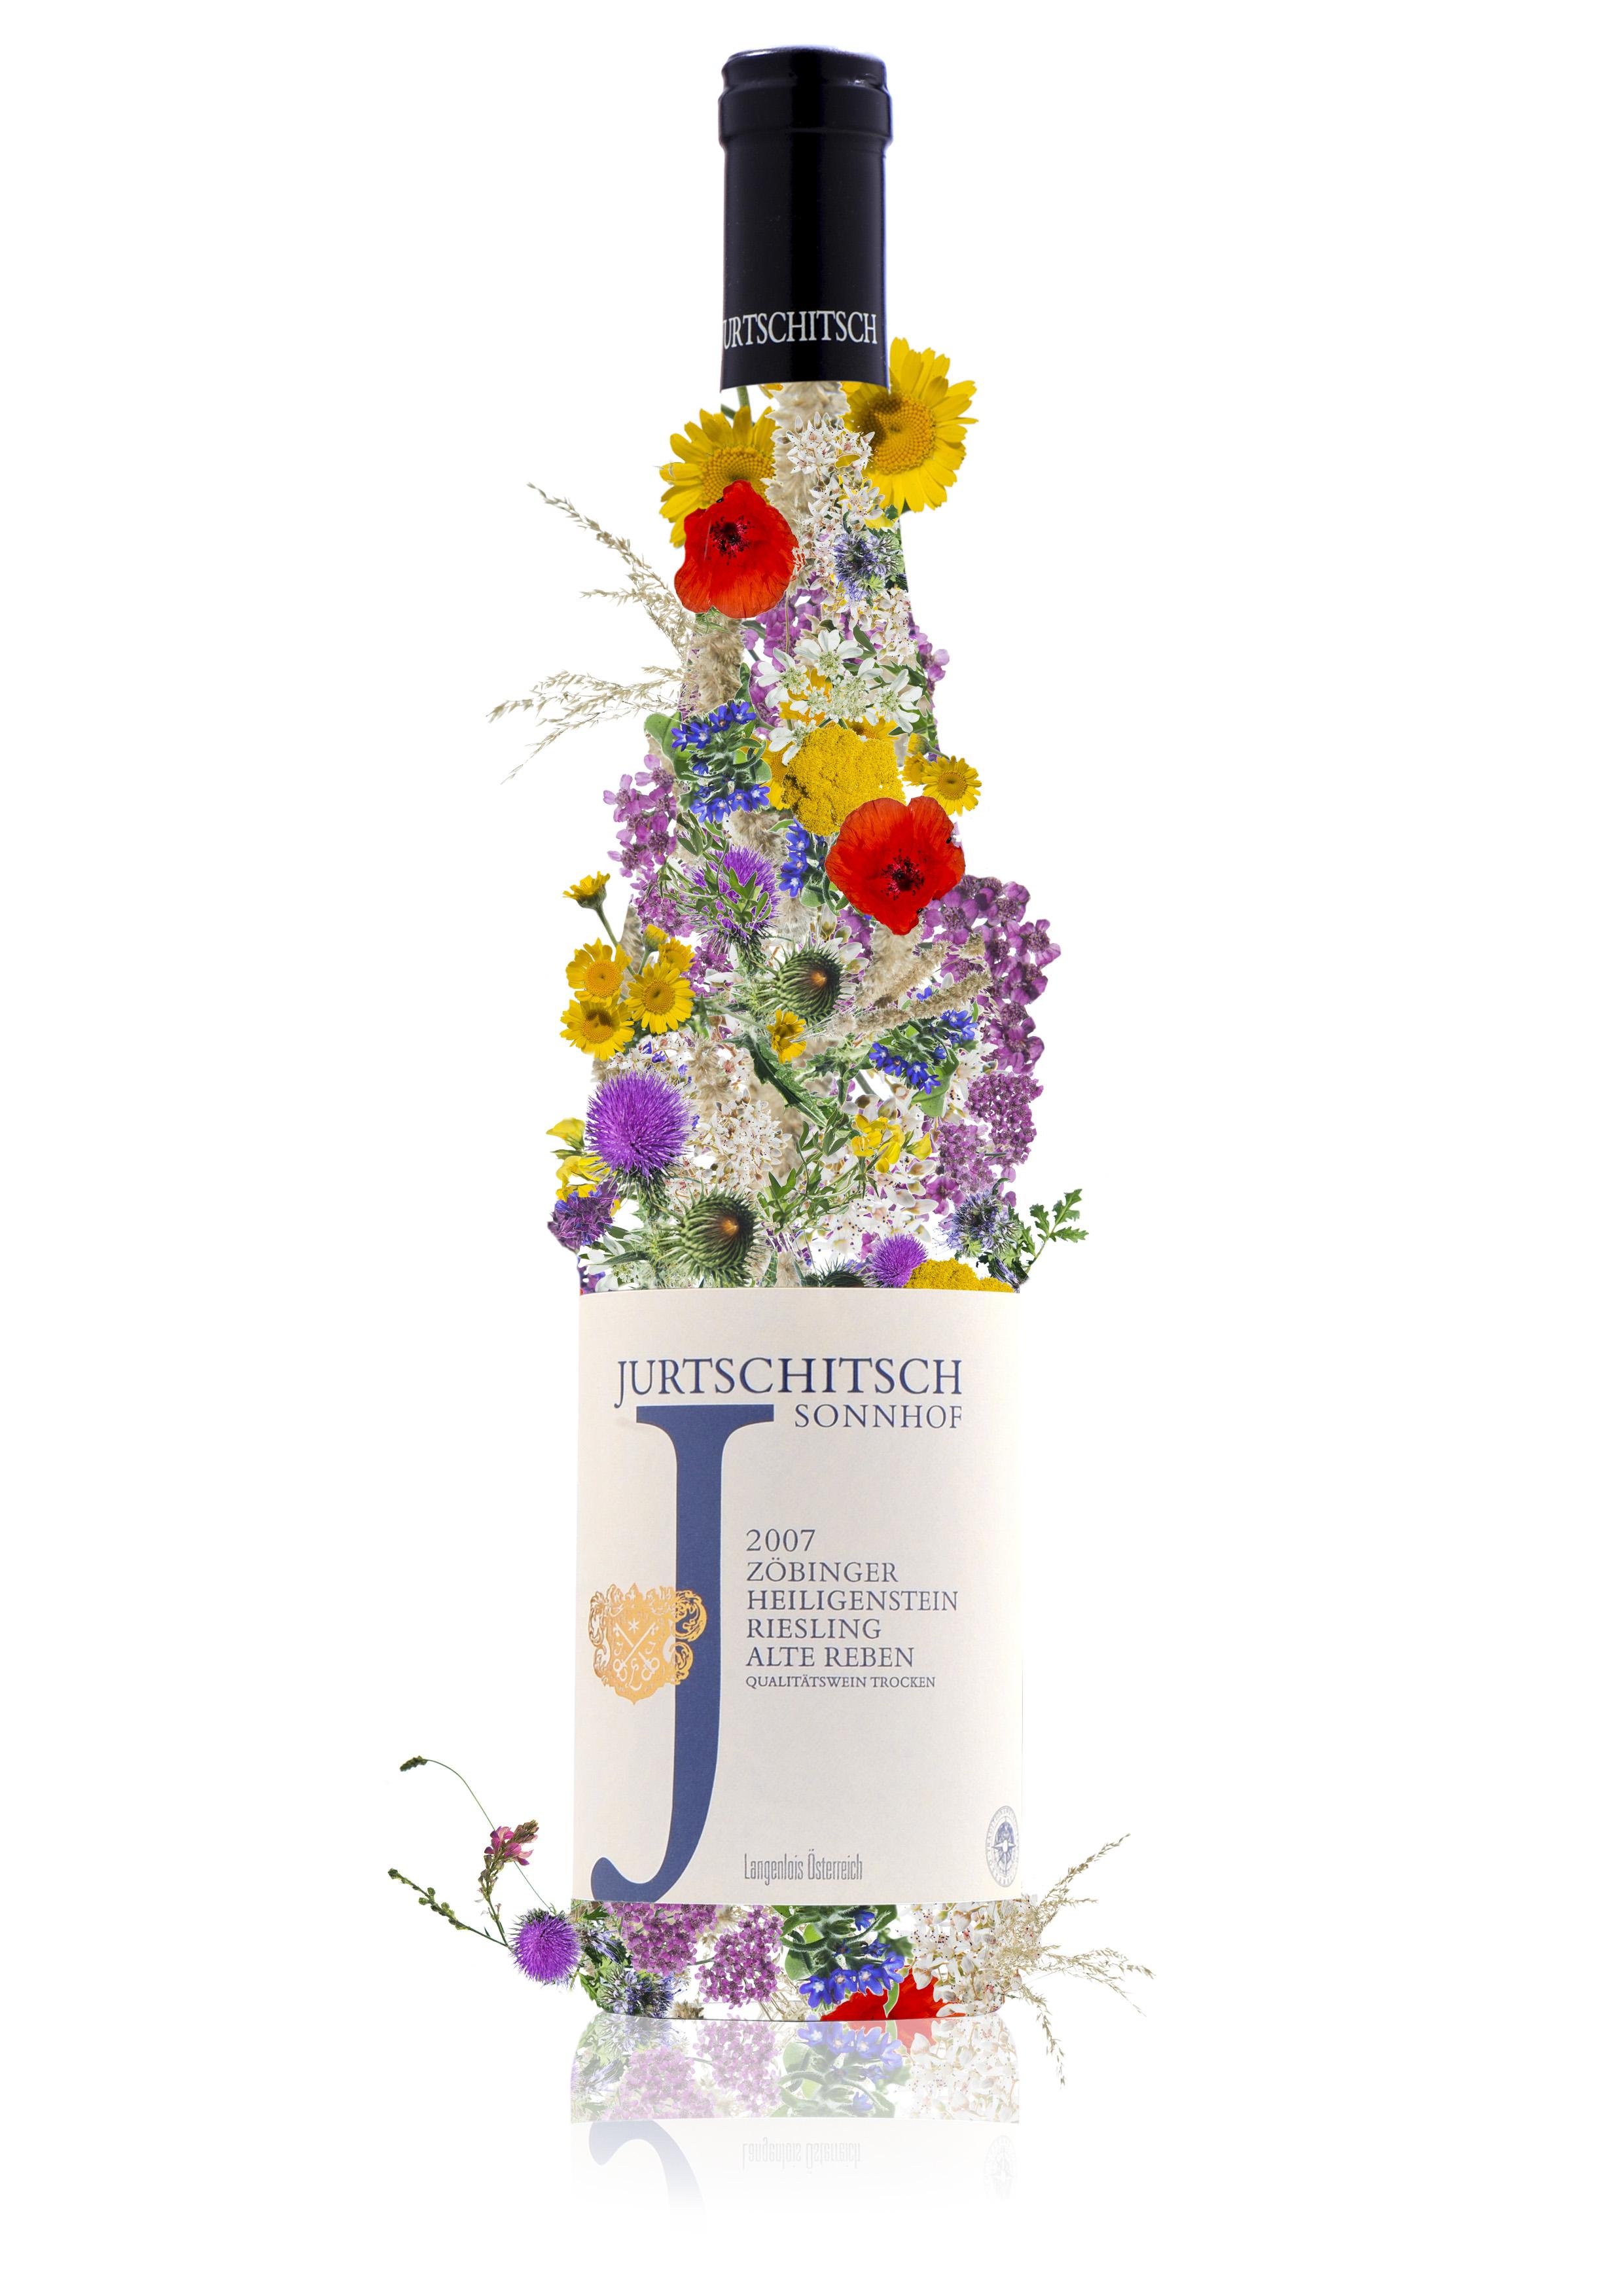 jurtschitsch-blumenflasche.jpg